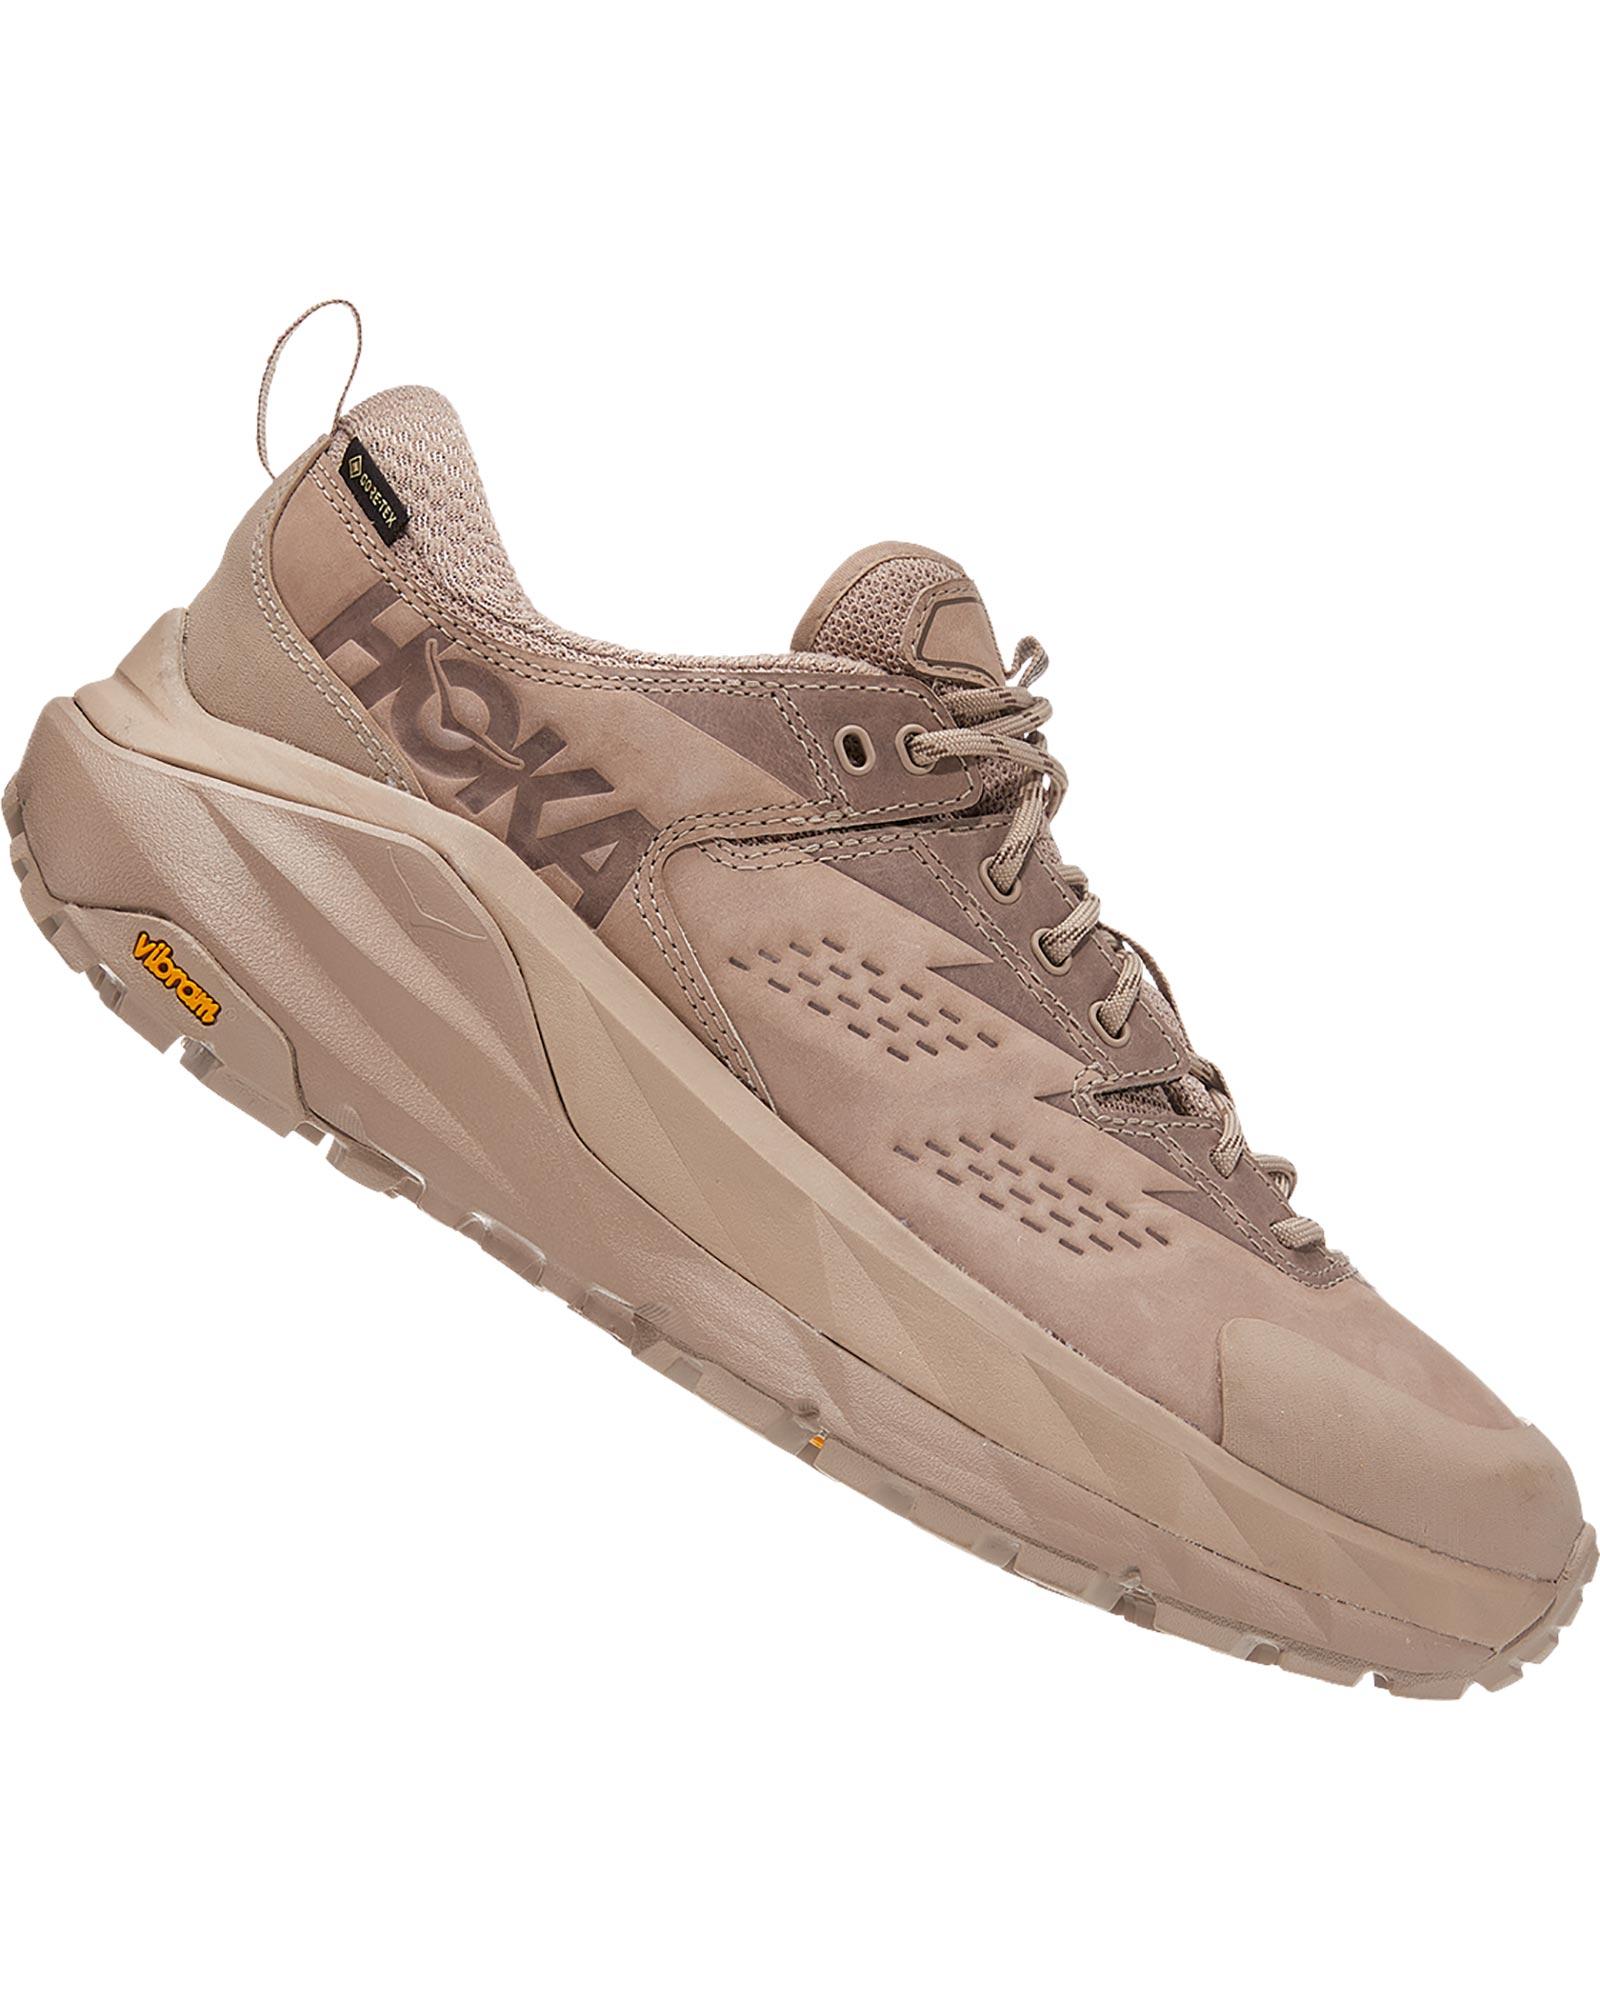 Hoka One One Kaha Low GORE-TEX Shoes 0